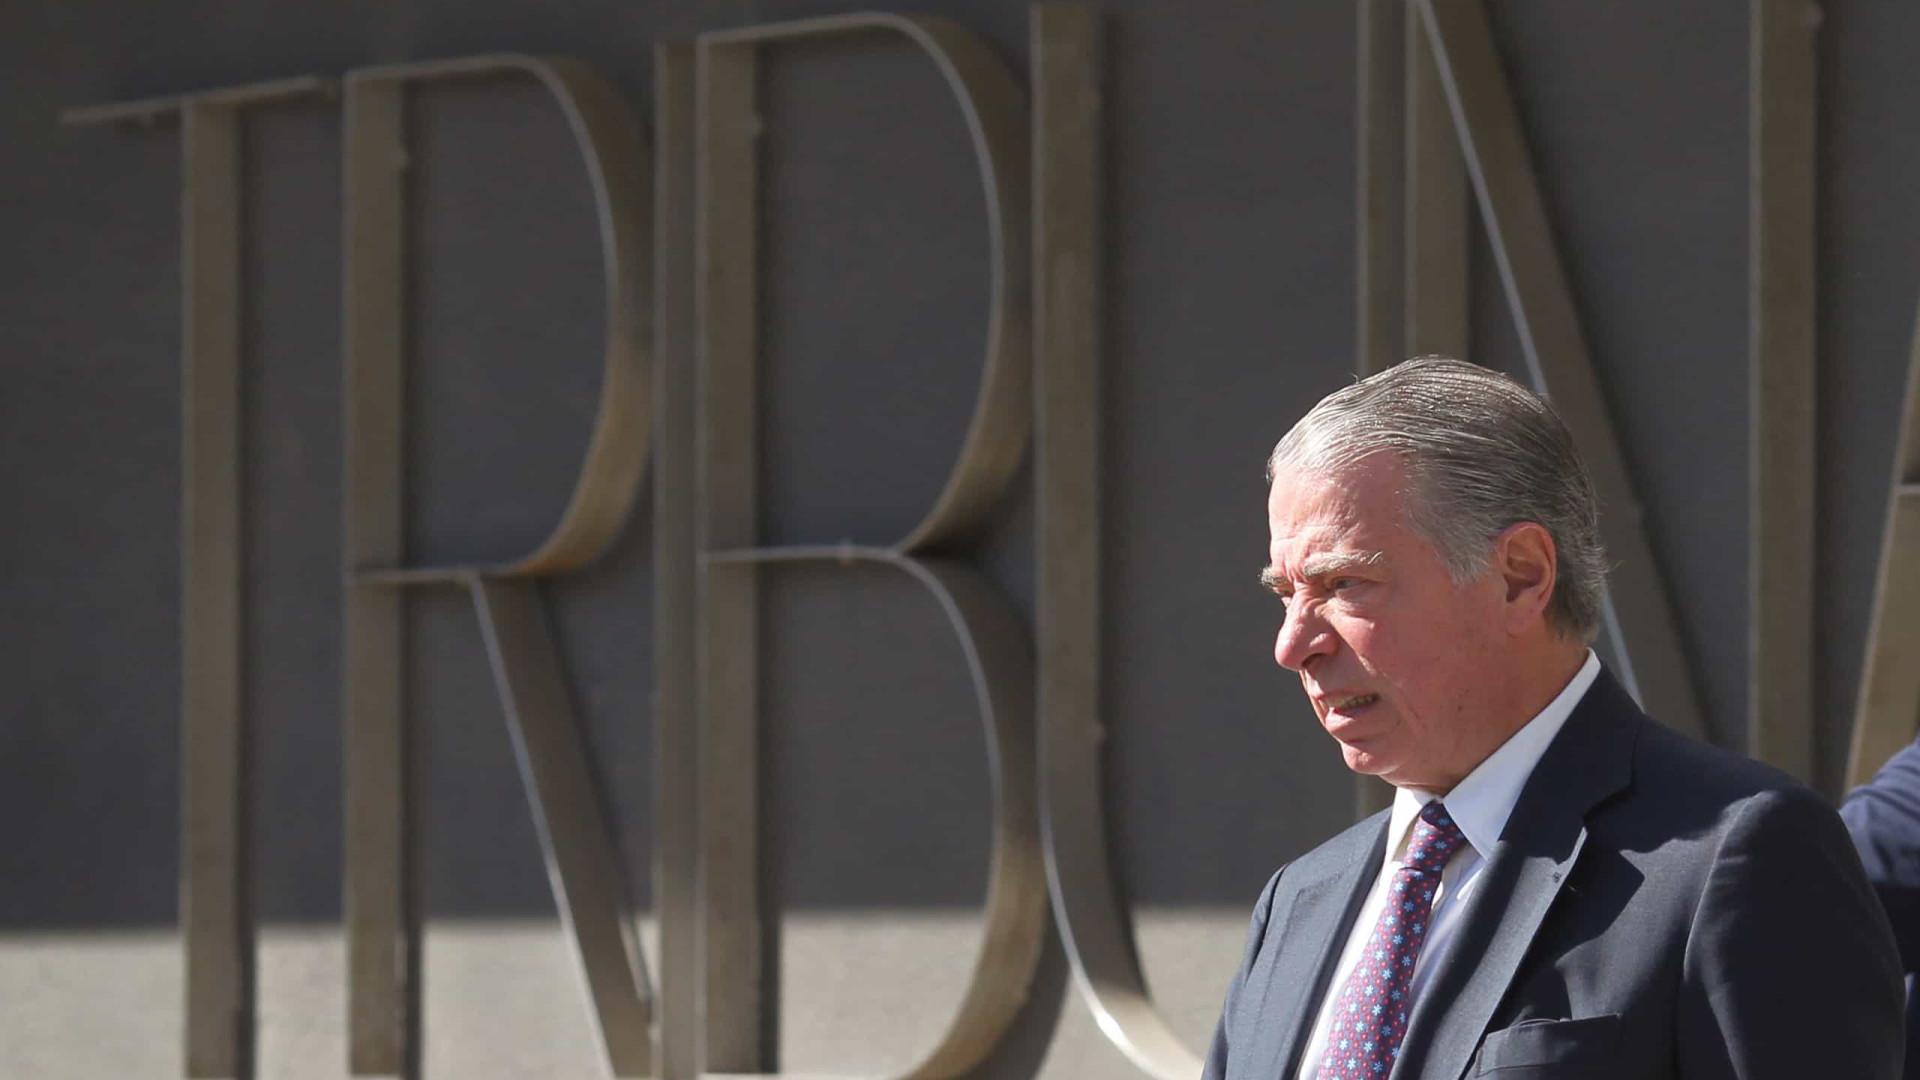 BES: Ricardo Salgado multado em 3,7 milhões de euros